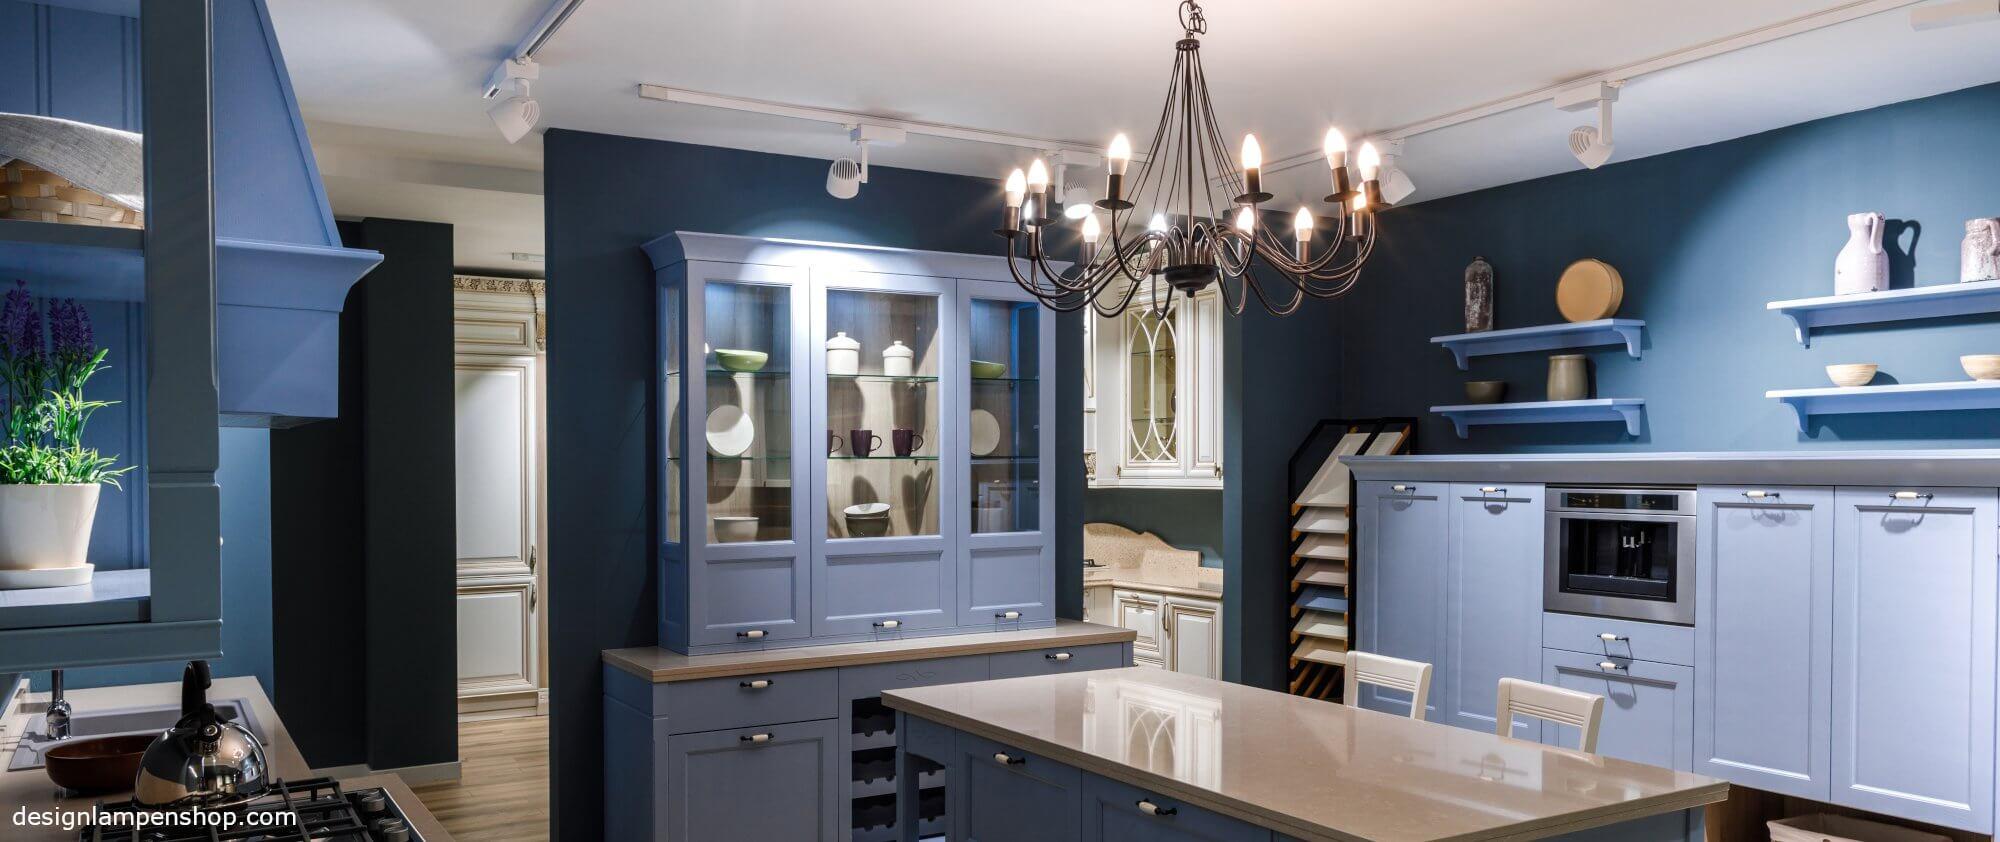 Kronleuchter in der Küche - neues Design